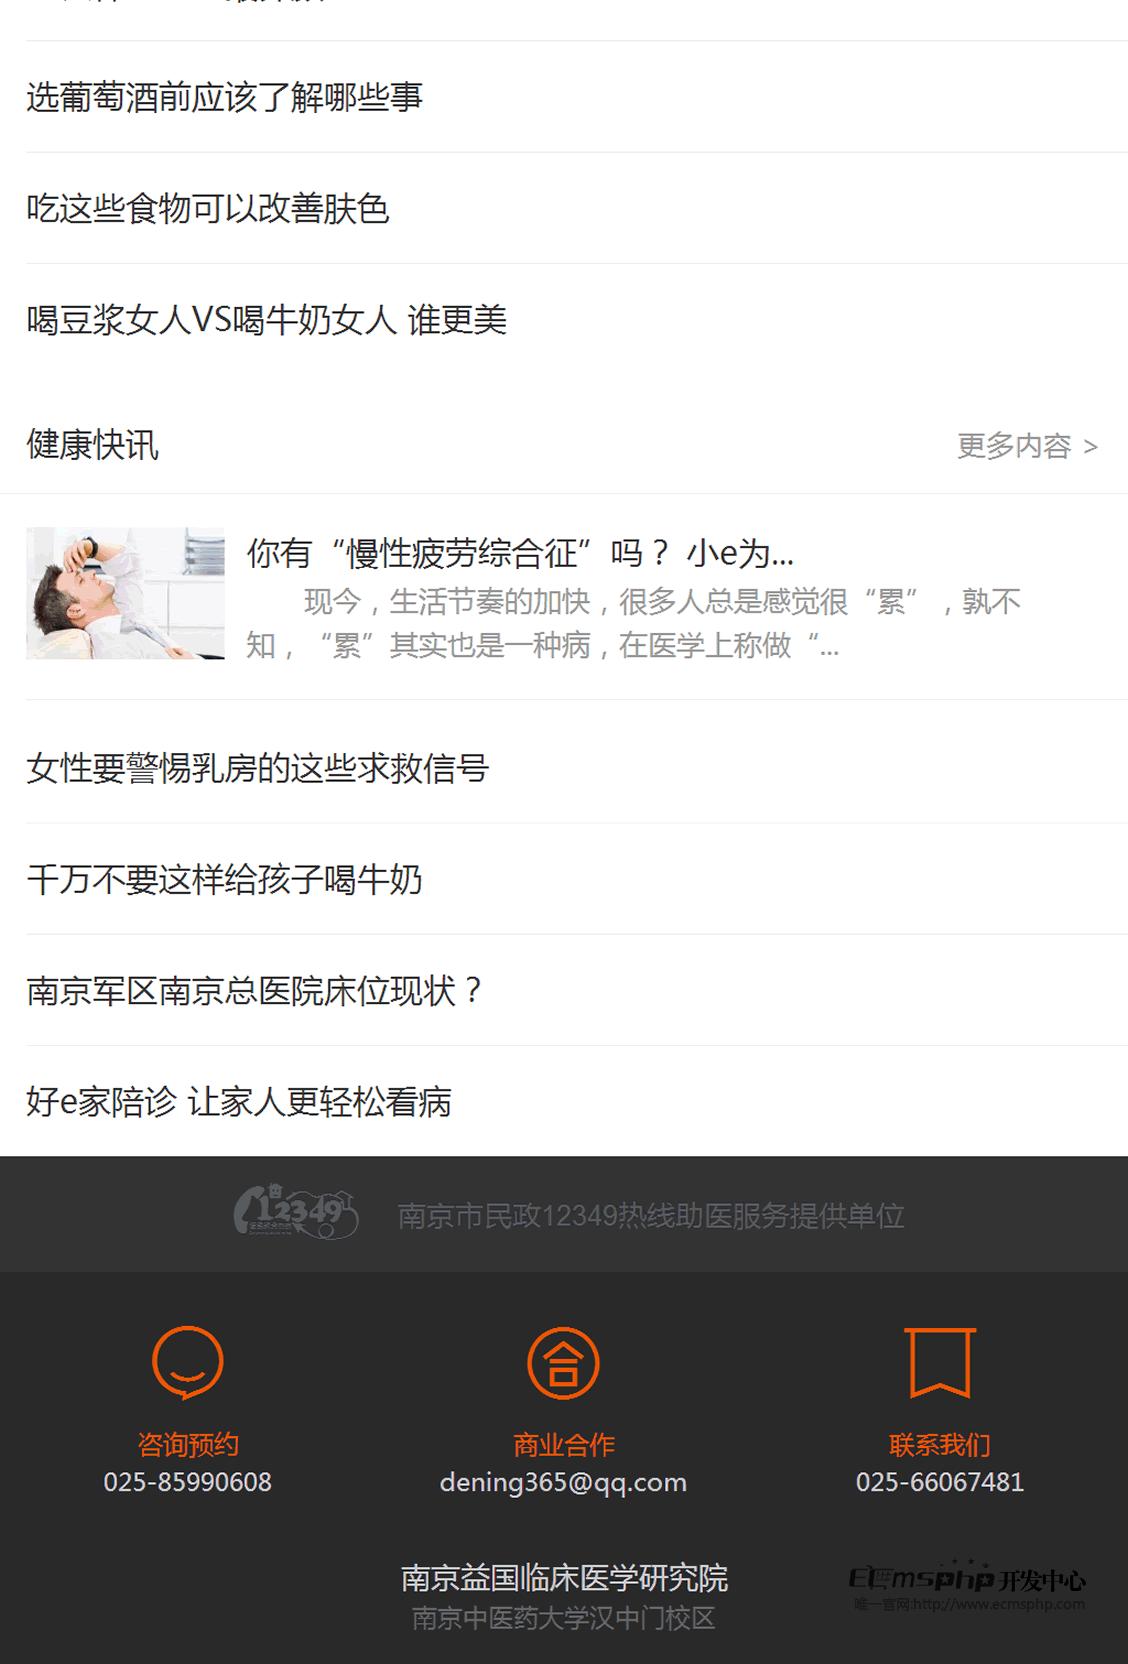 帝国cms医院模板,高仿德宁家庭私人医疗官网网站整站列表页模板源码